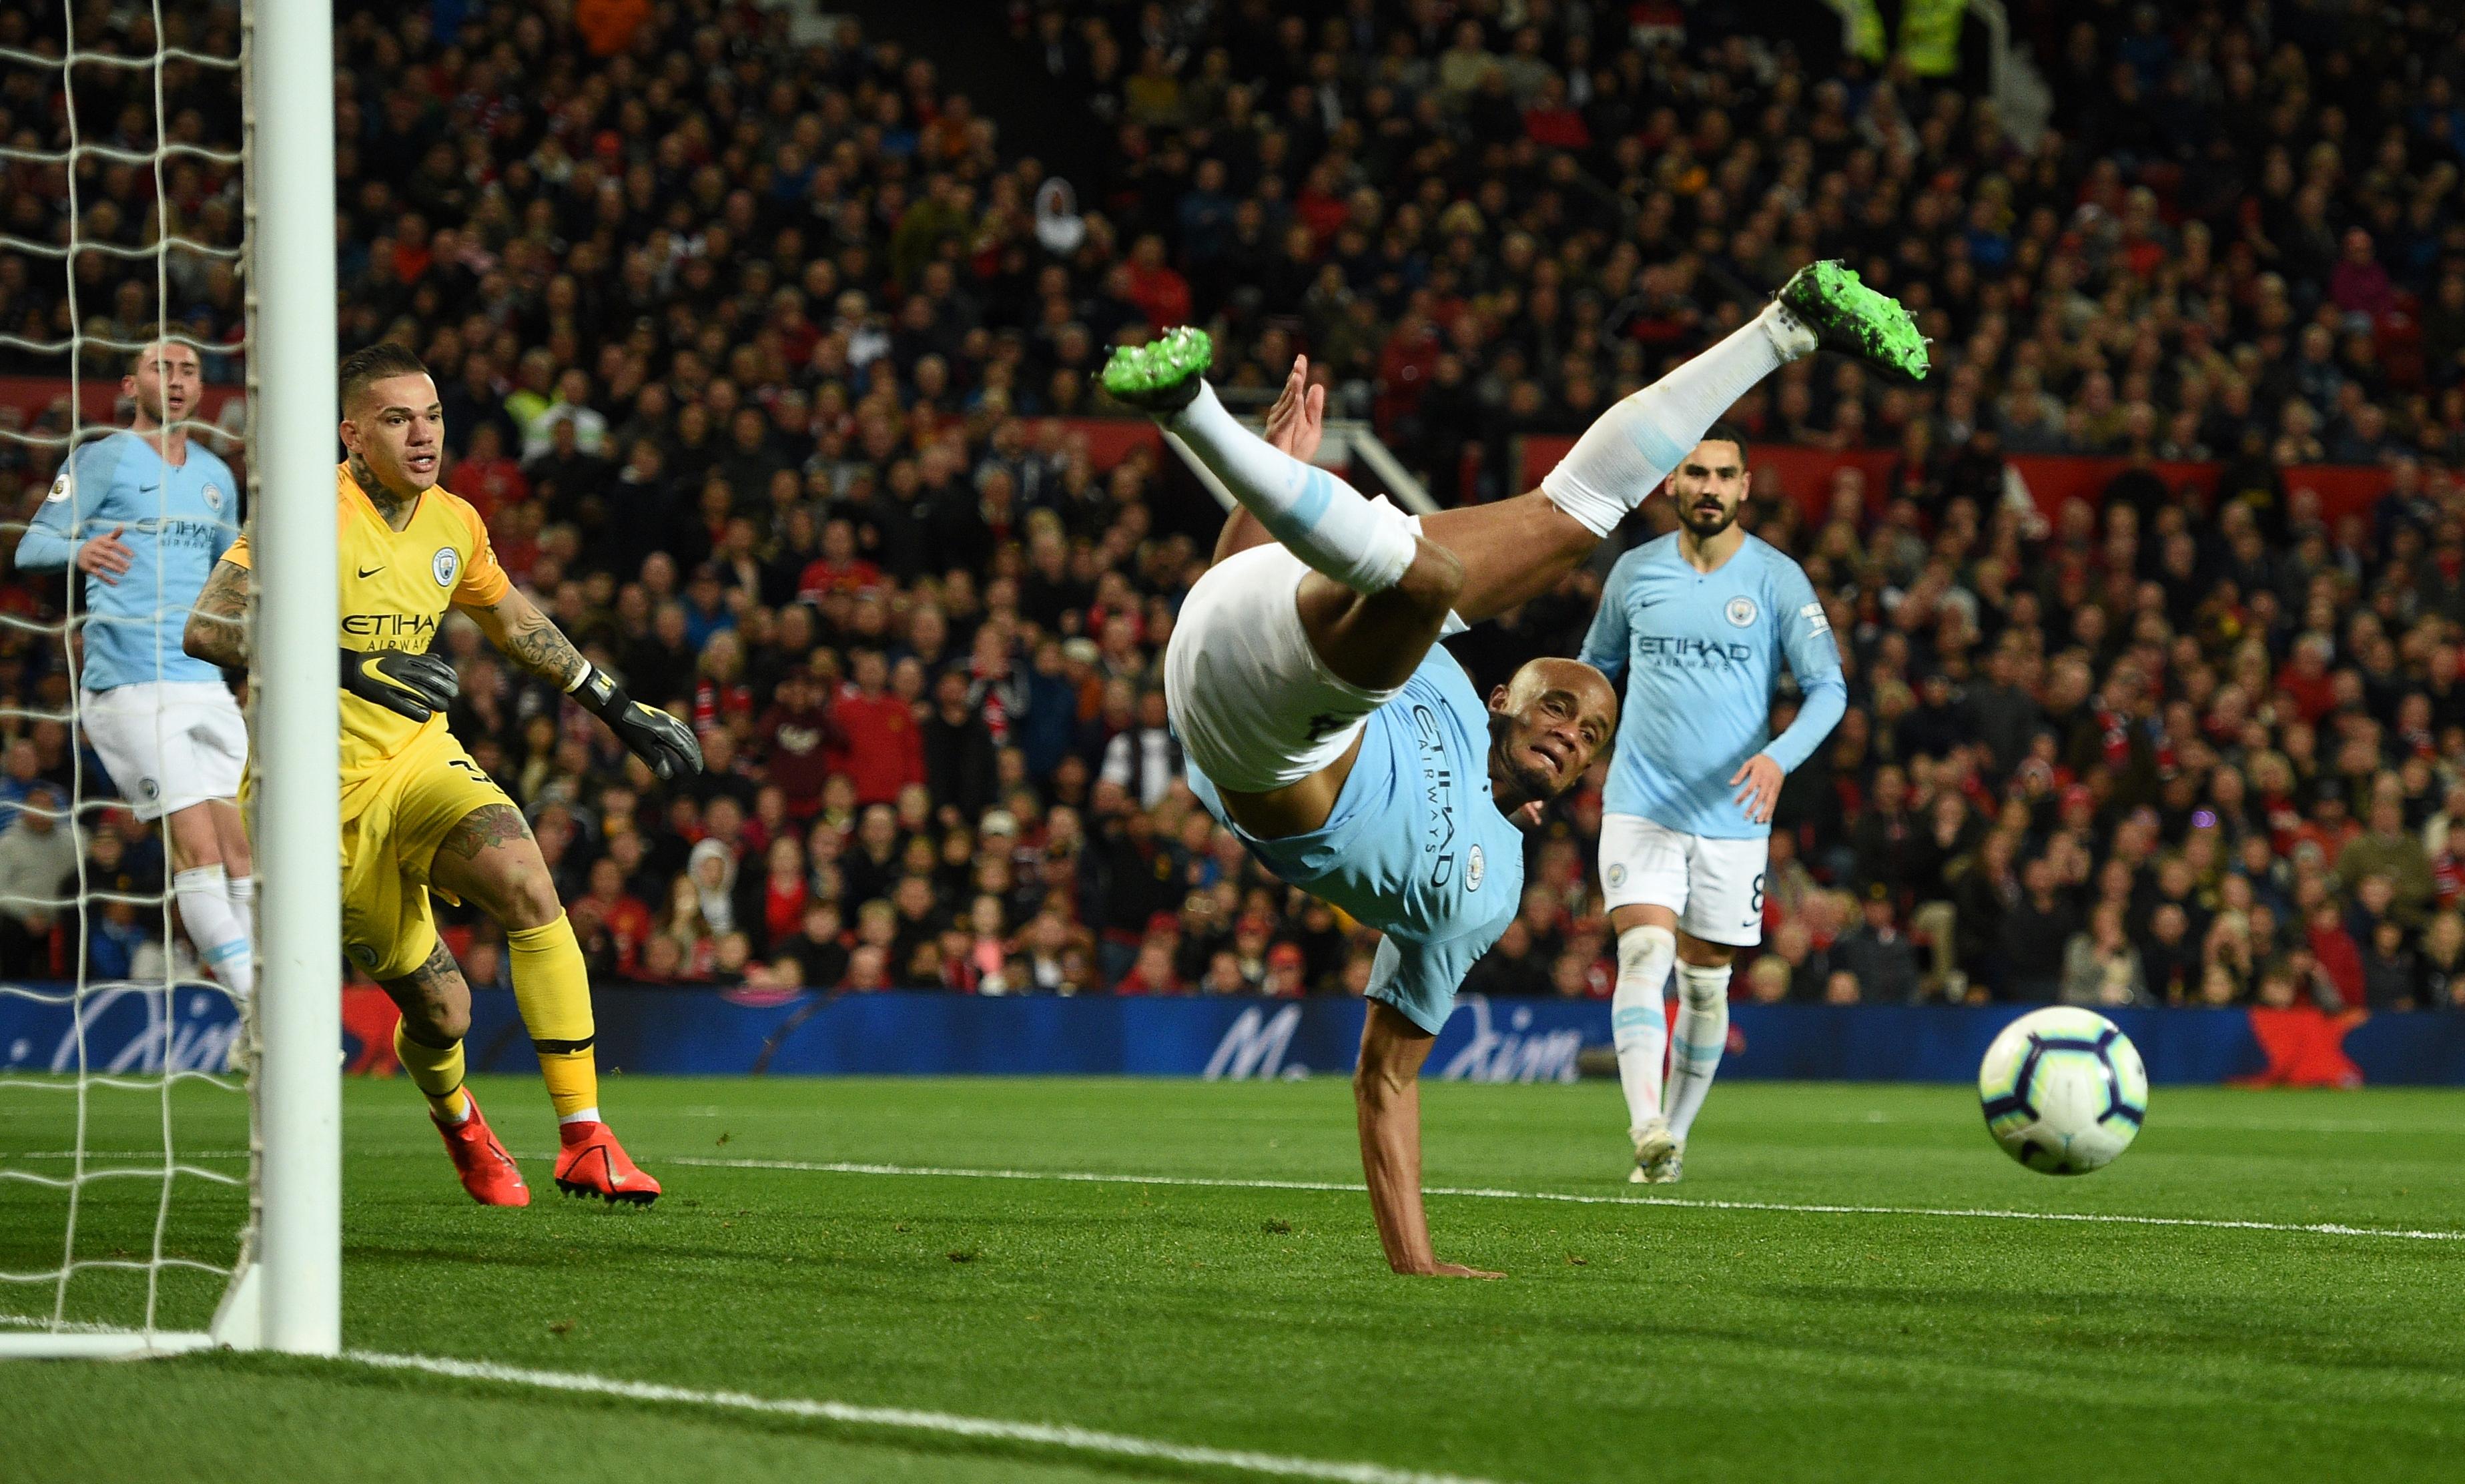 Simán nyert a City a manchesteri rangadón, náluk az előny az őrült bajnoki hajrában